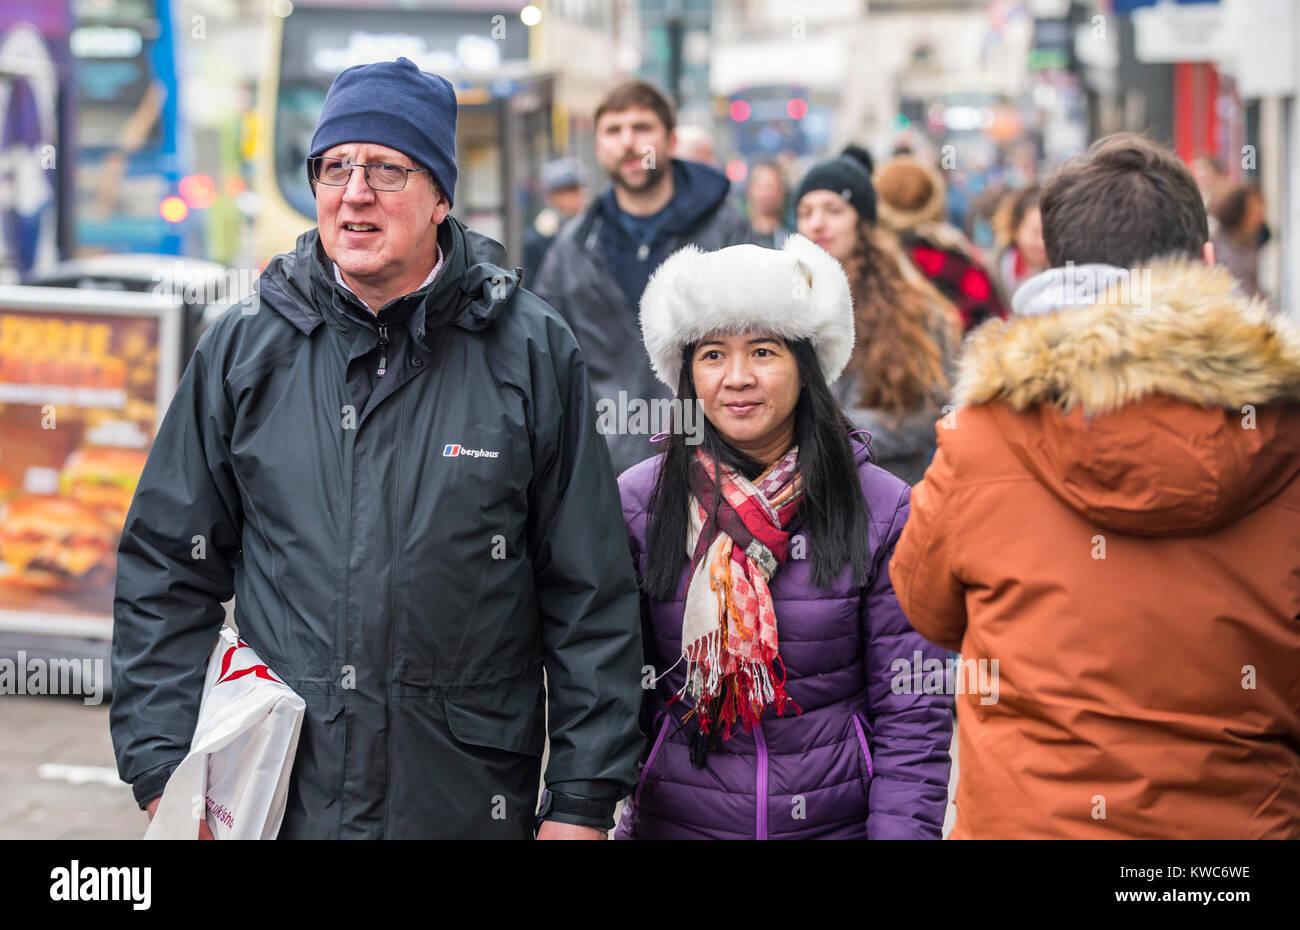 Un par de diferentes orígenes étnicos pasear cogidos de la mano en Inglaterra, Reino Unido. Imagen De Stock